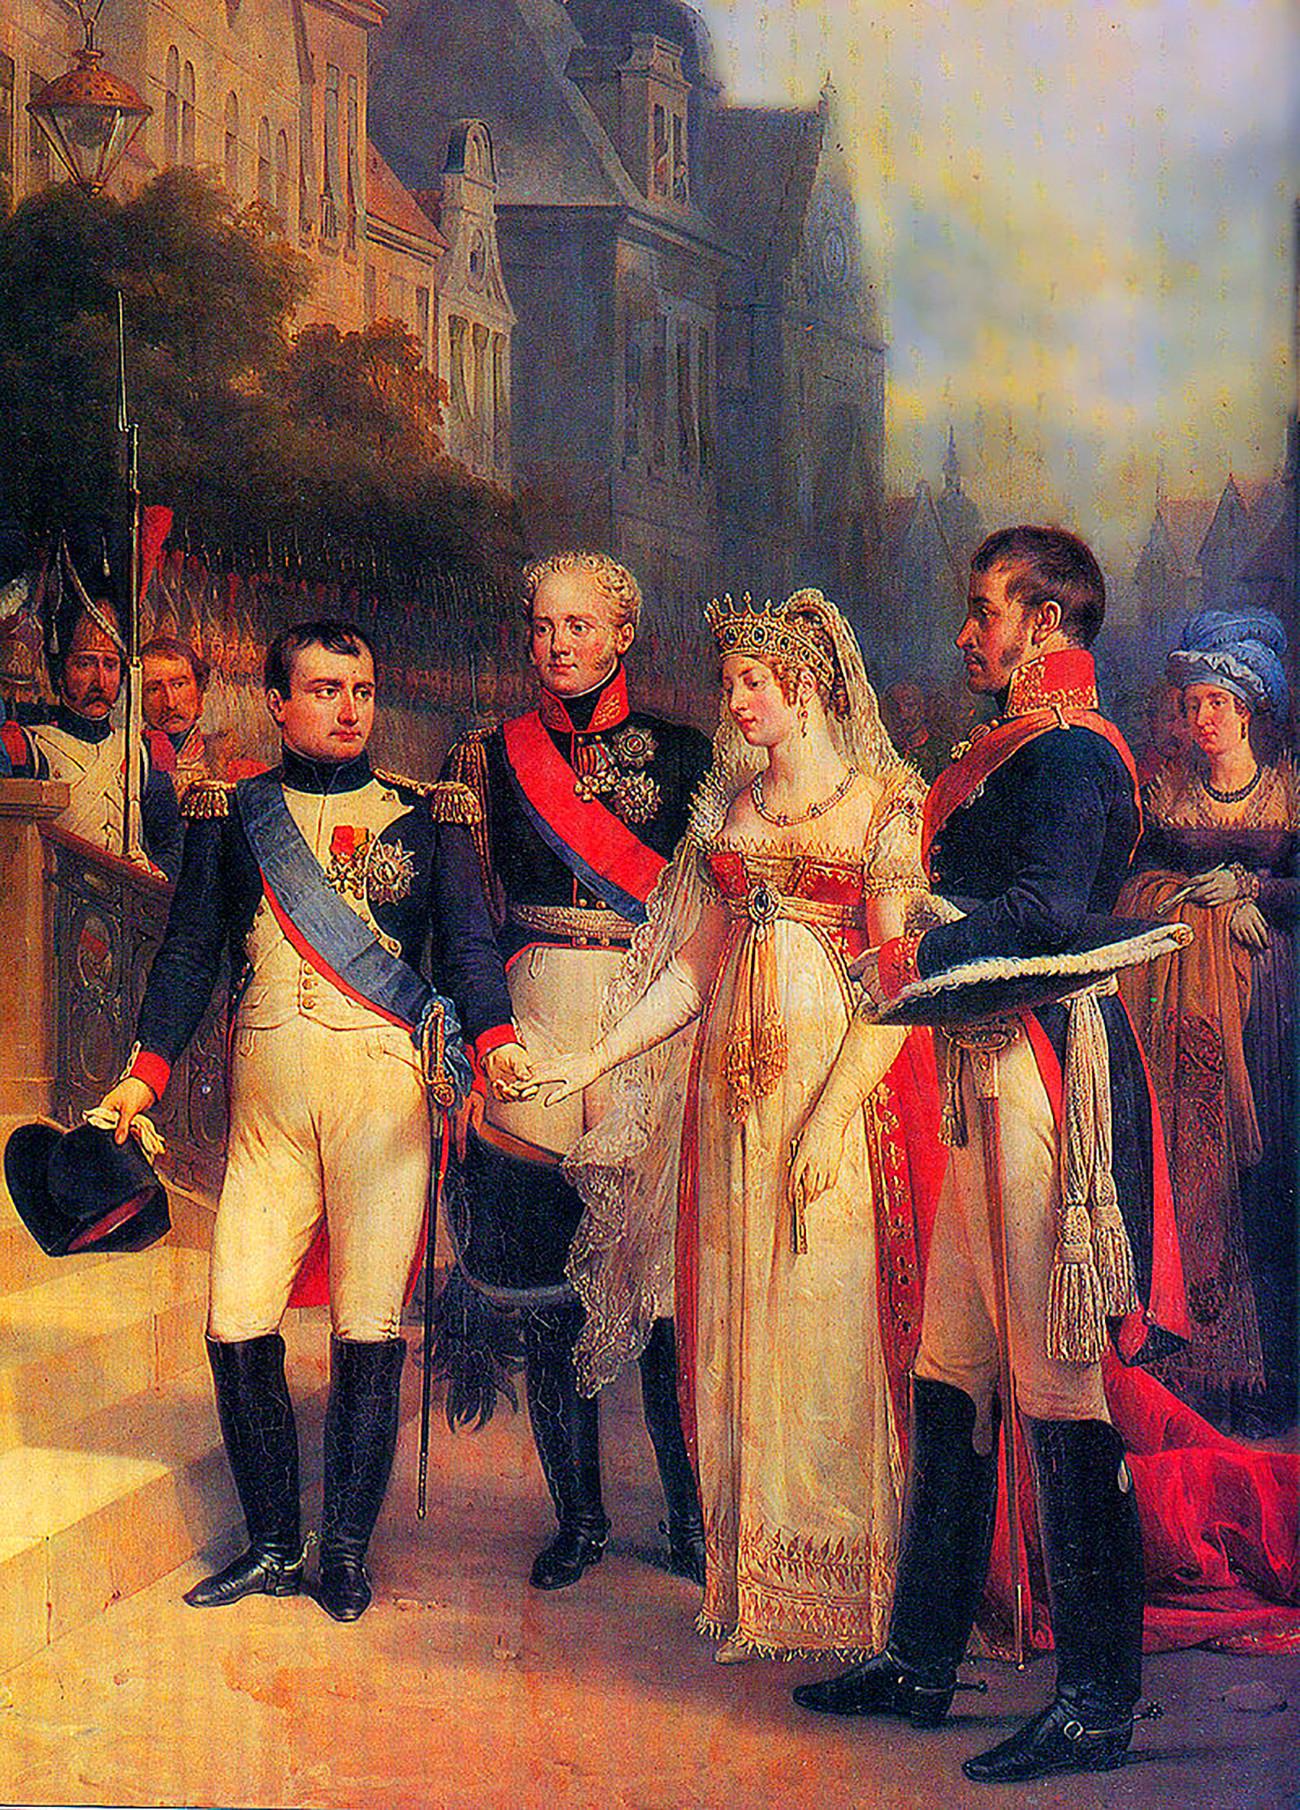 Treffen von Kaiser Napoleon, Zar Alexander, Friedrich Wilhelm III. und Königin Luise in Tilsit am 6.Juli 1807 von Nikolai Gosse